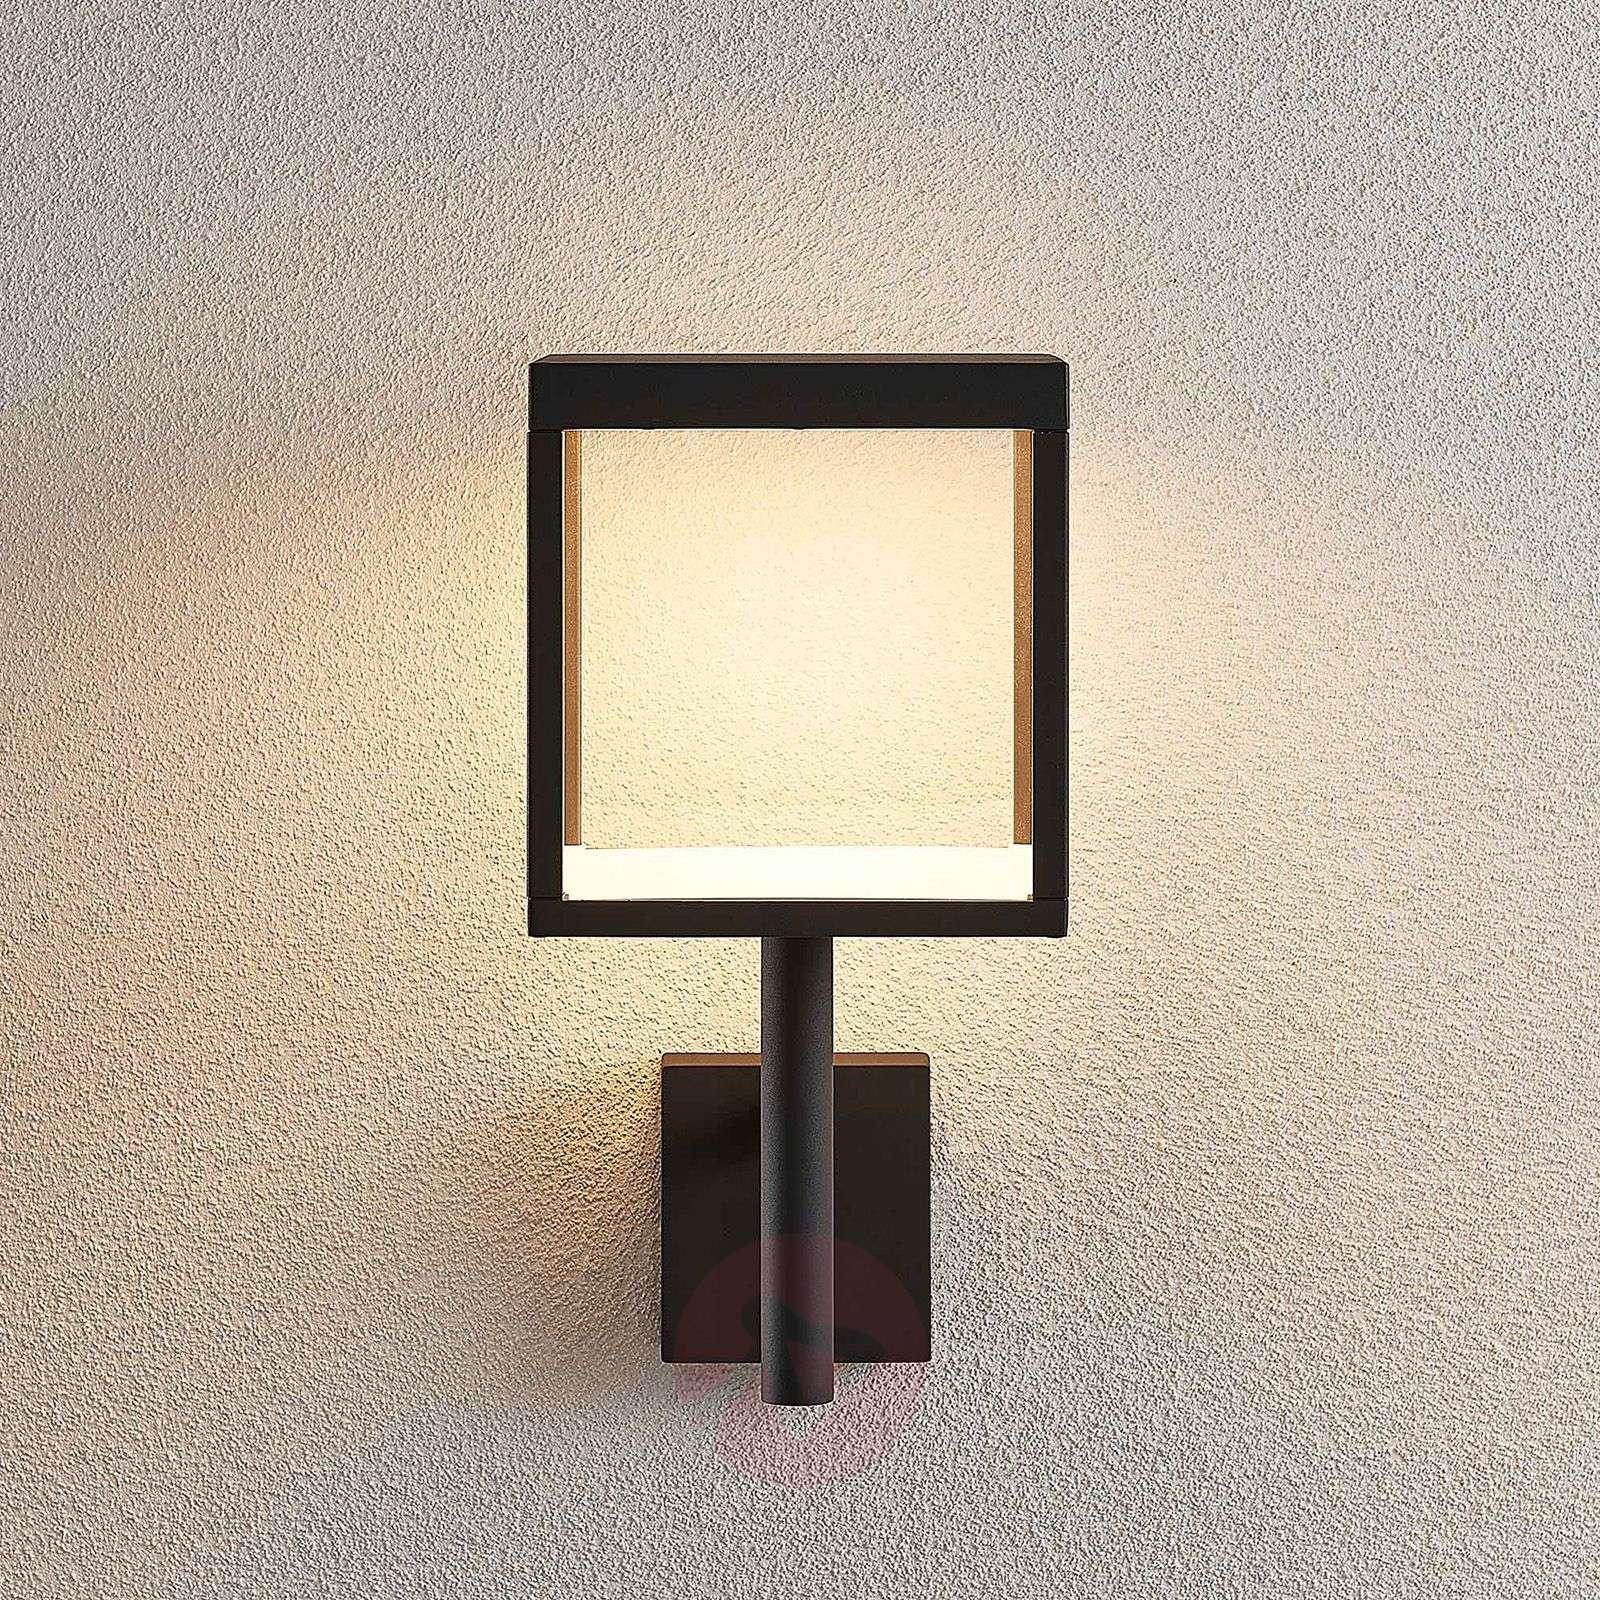 LED-ulkoseinävalaisin Cube lasivarjostimella-9619159-02